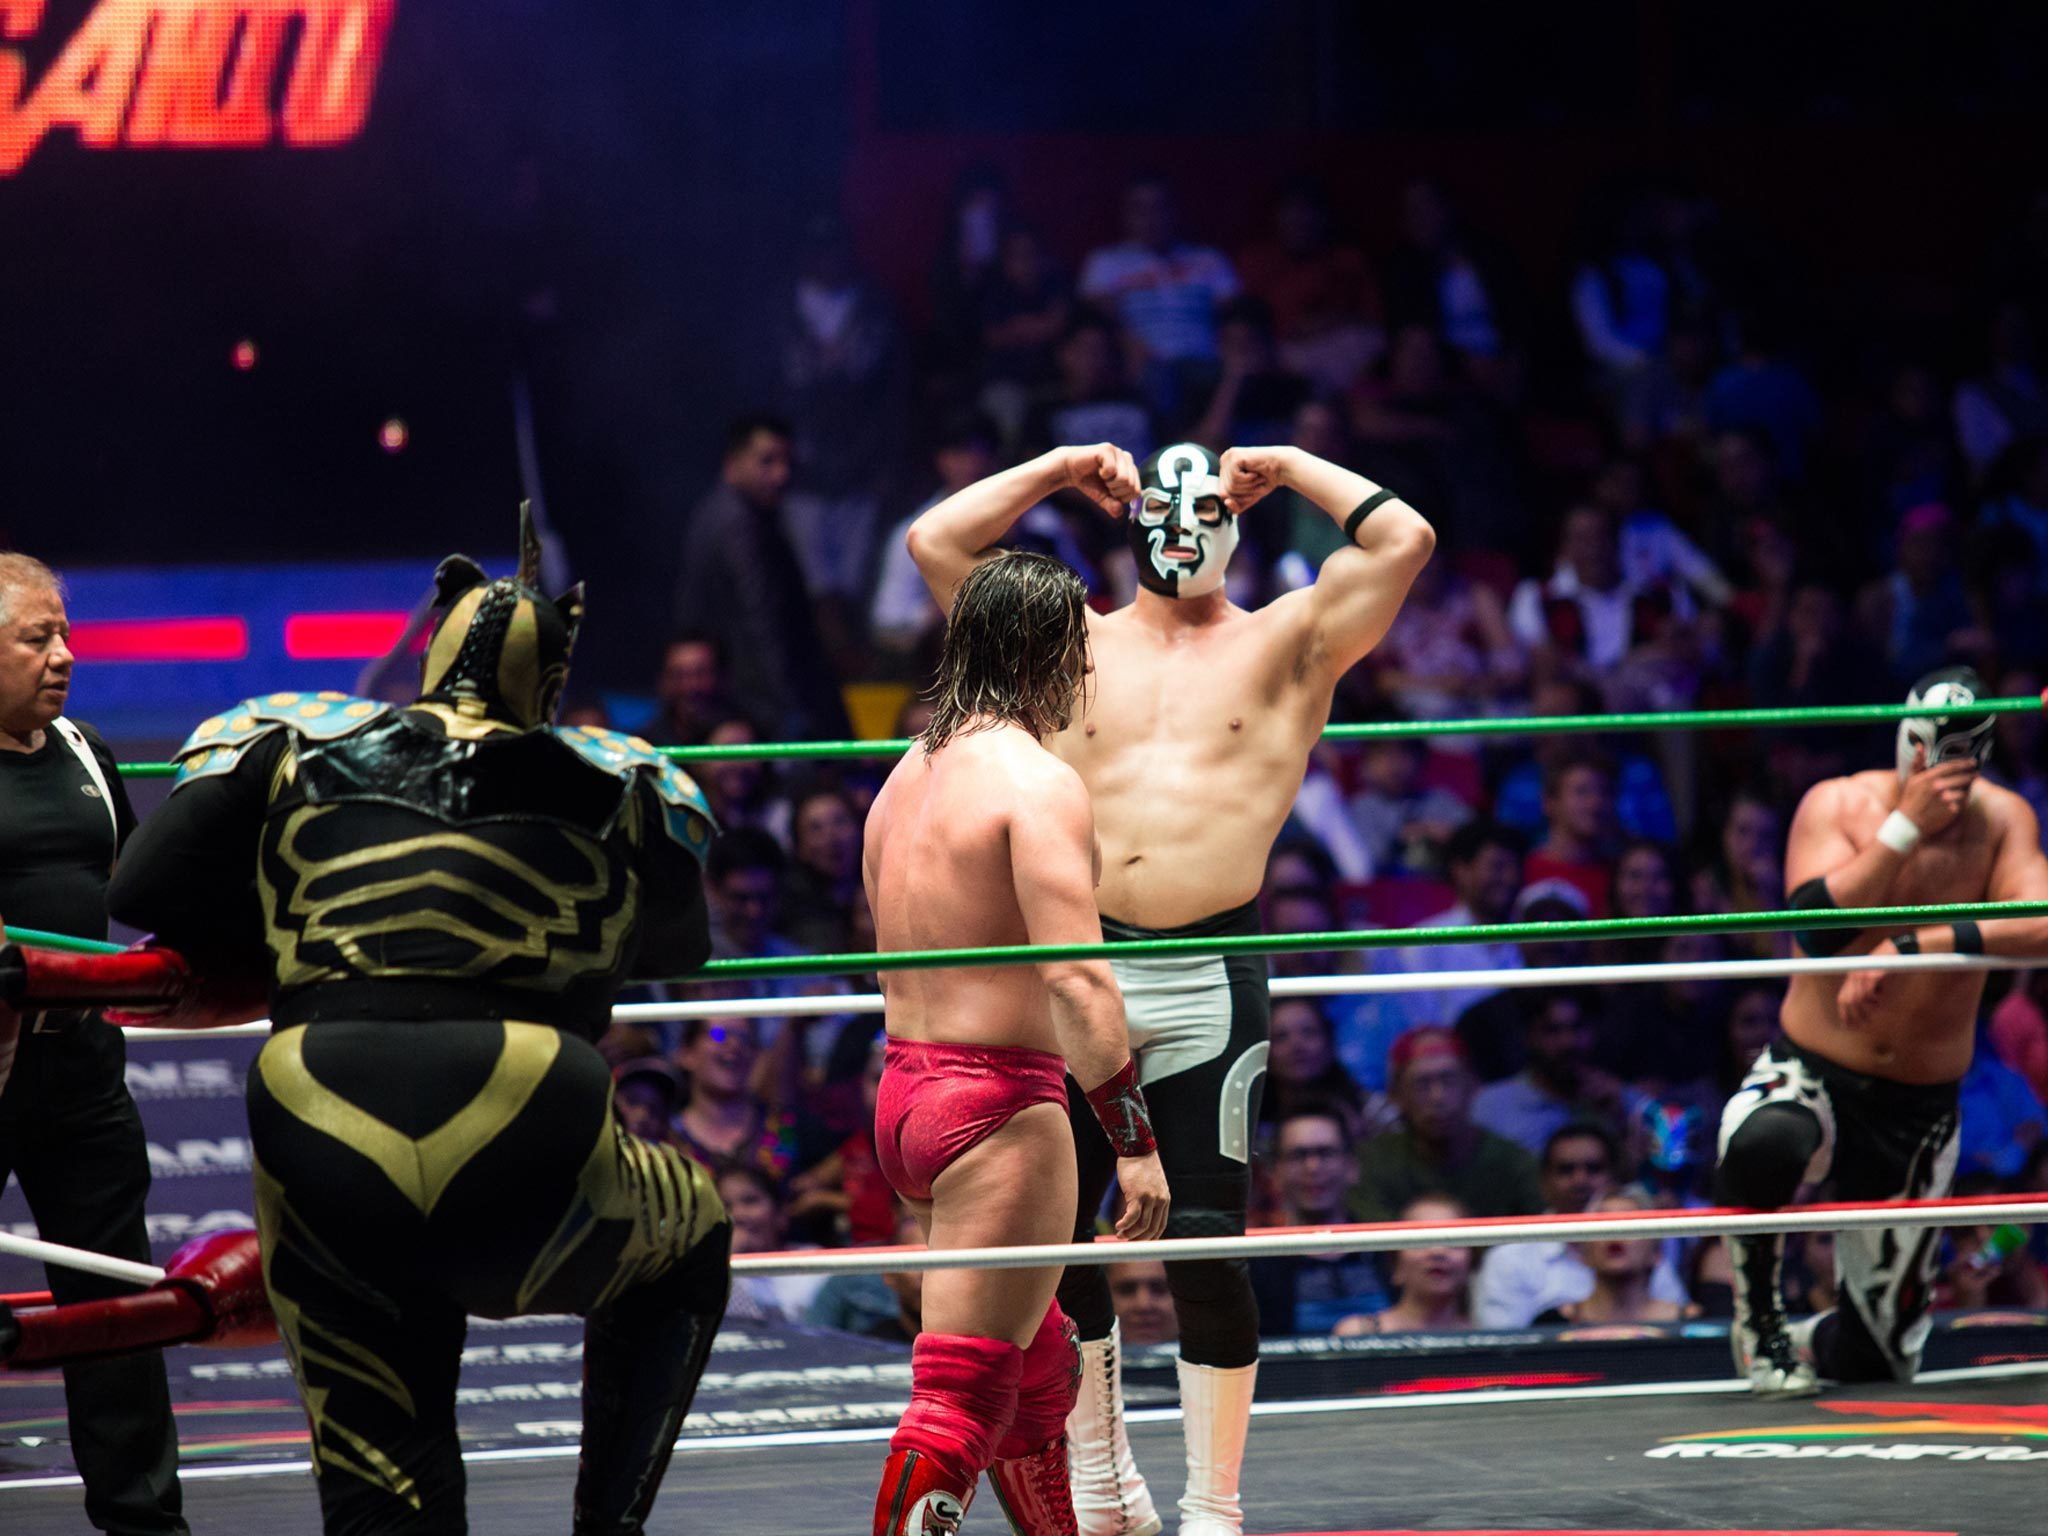 Historias de la lucha libre en la CDMX